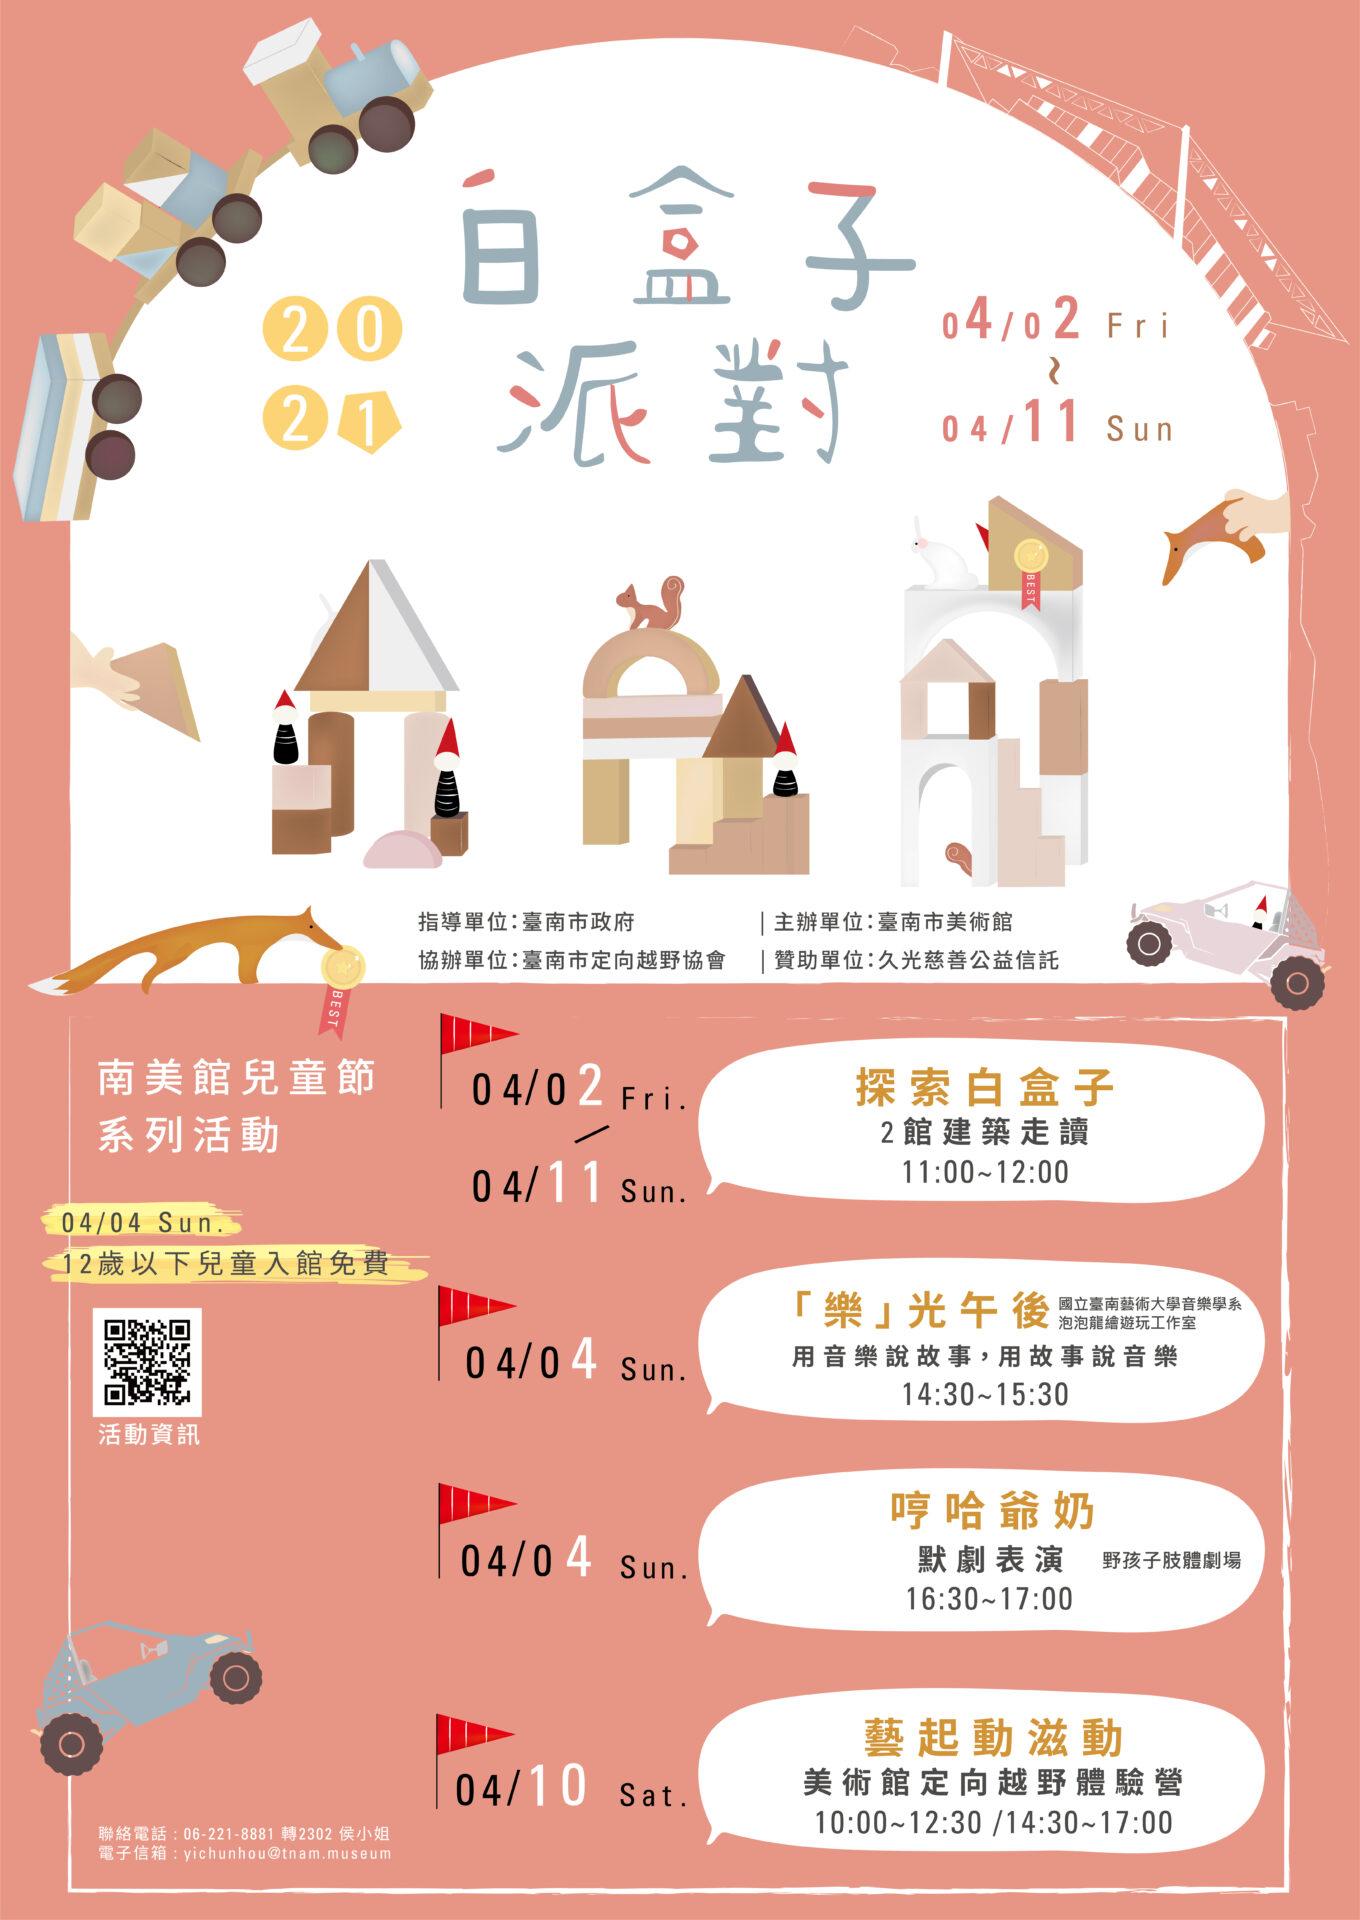 臺南市美術館:4/2、4/4、4/10、4/11【2021「白盒子派對」南美館兒童節系列活動】